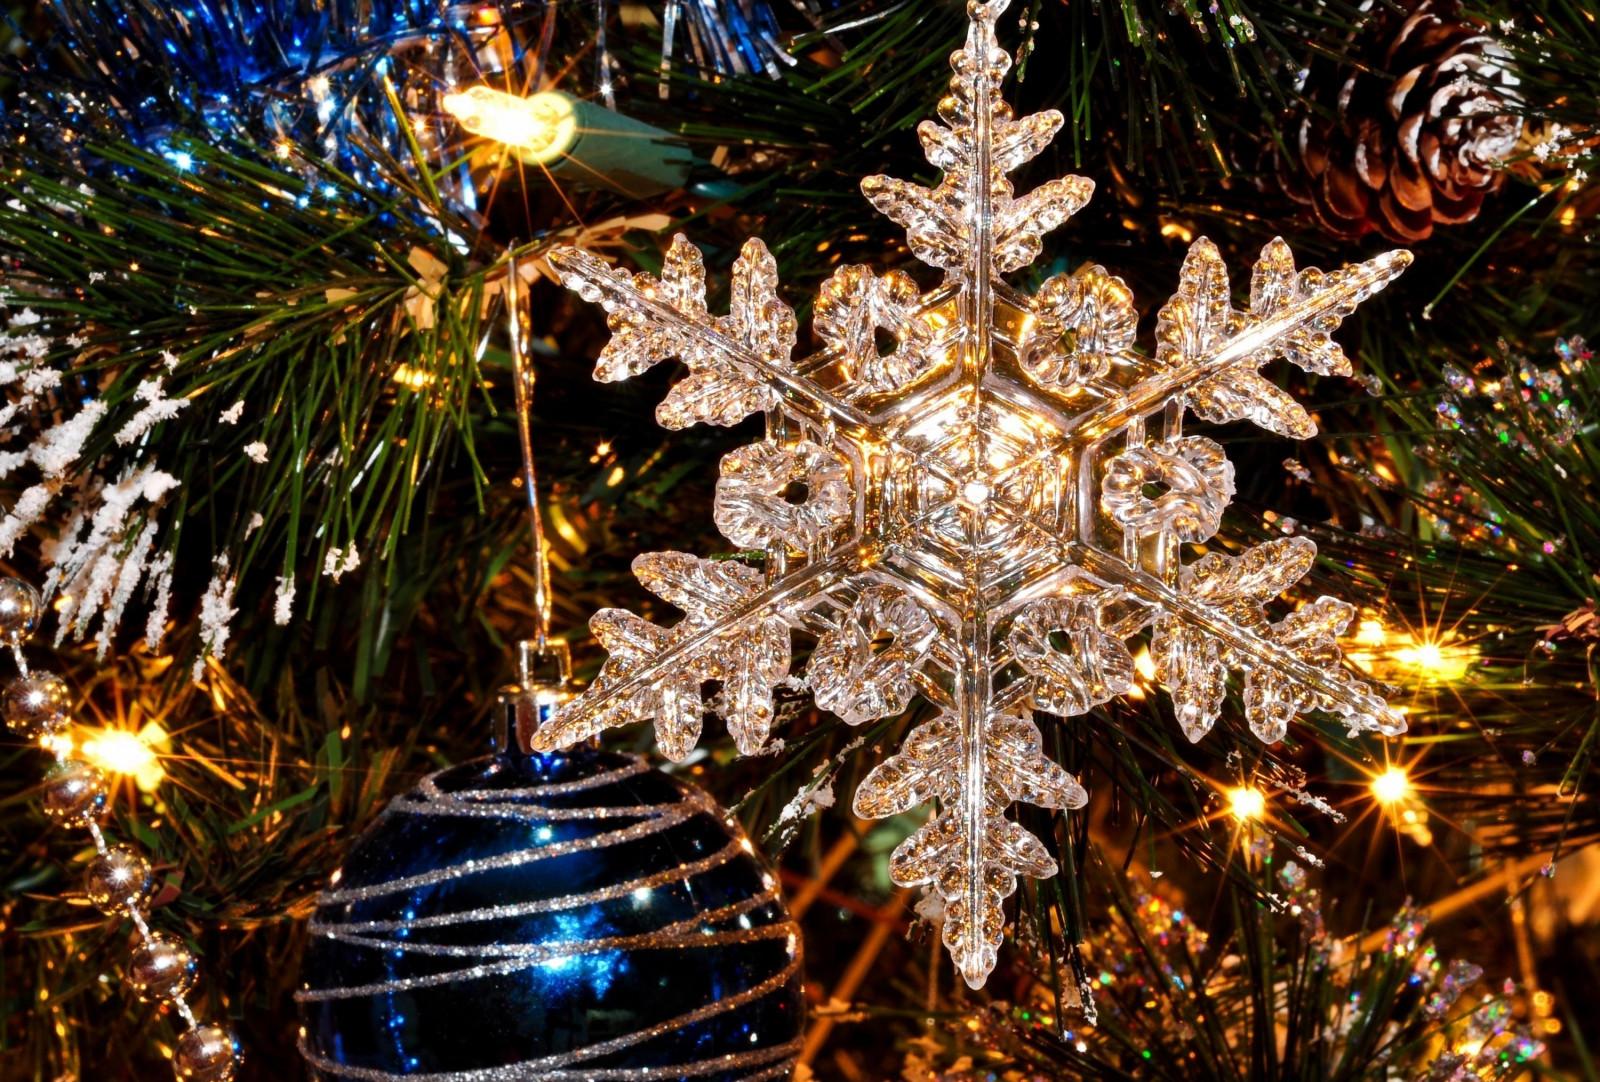 красивые картинки снежинок к новому году интересного